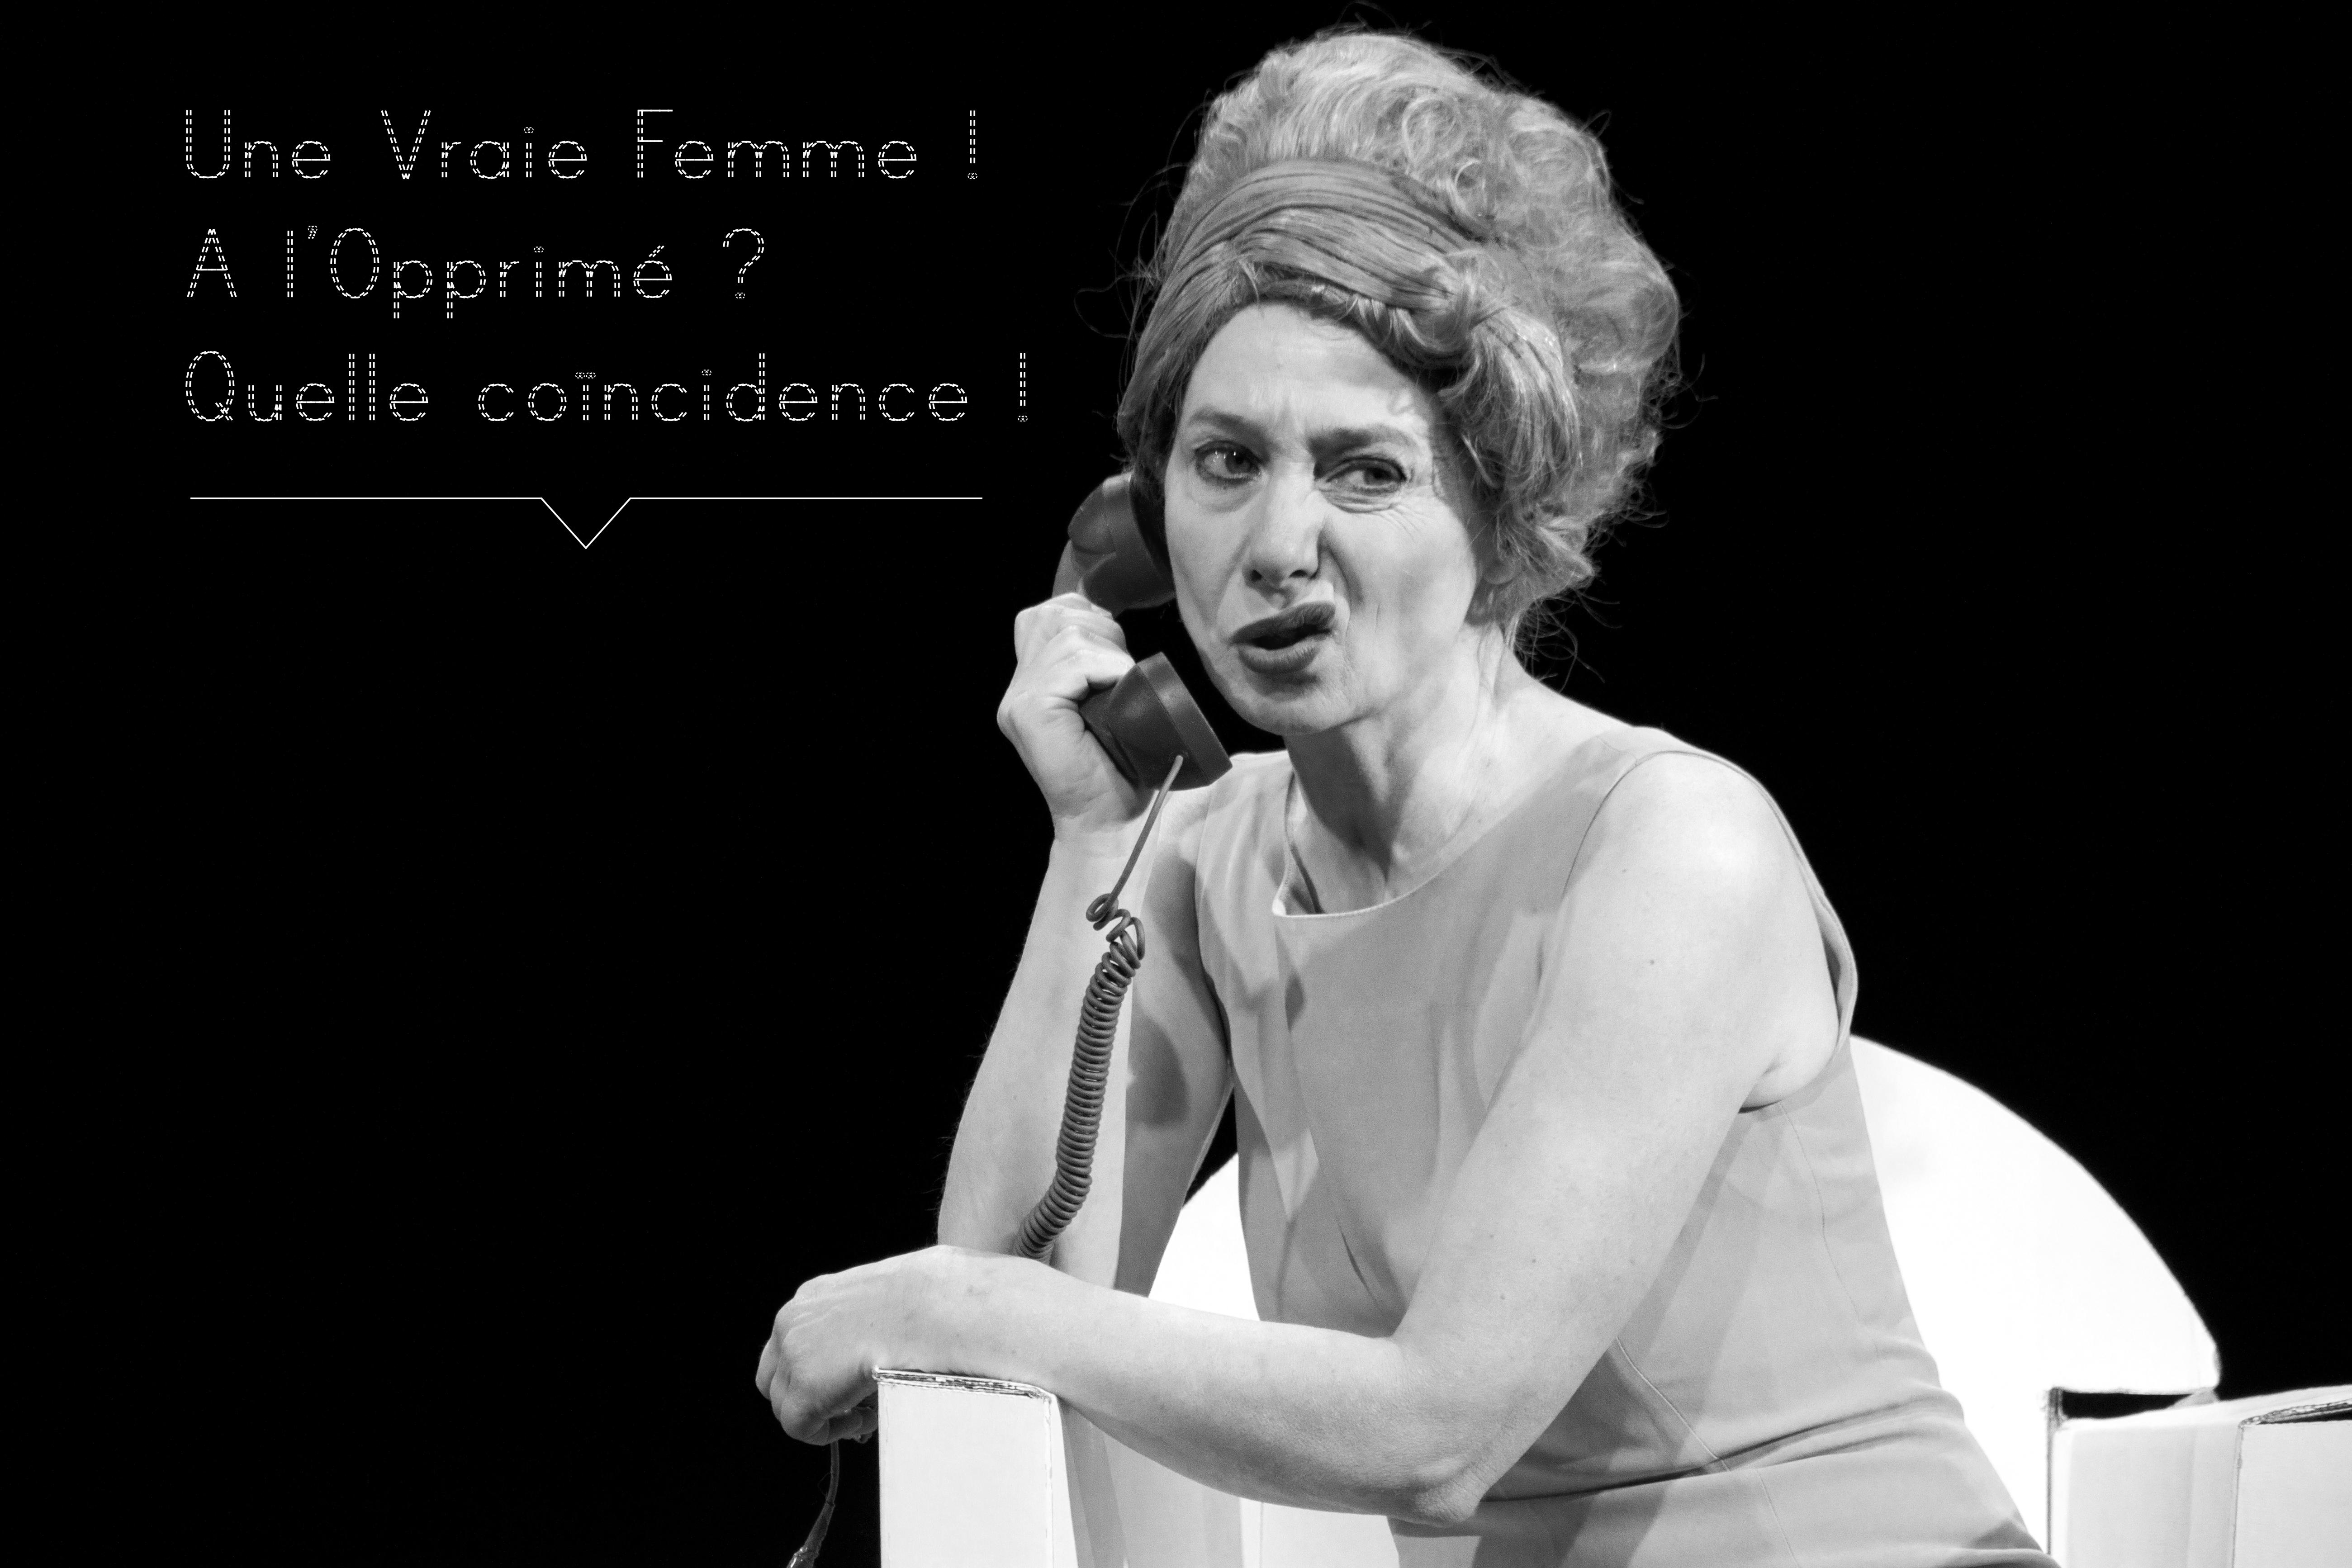 Une_Vraie_Femme_OPPRIME